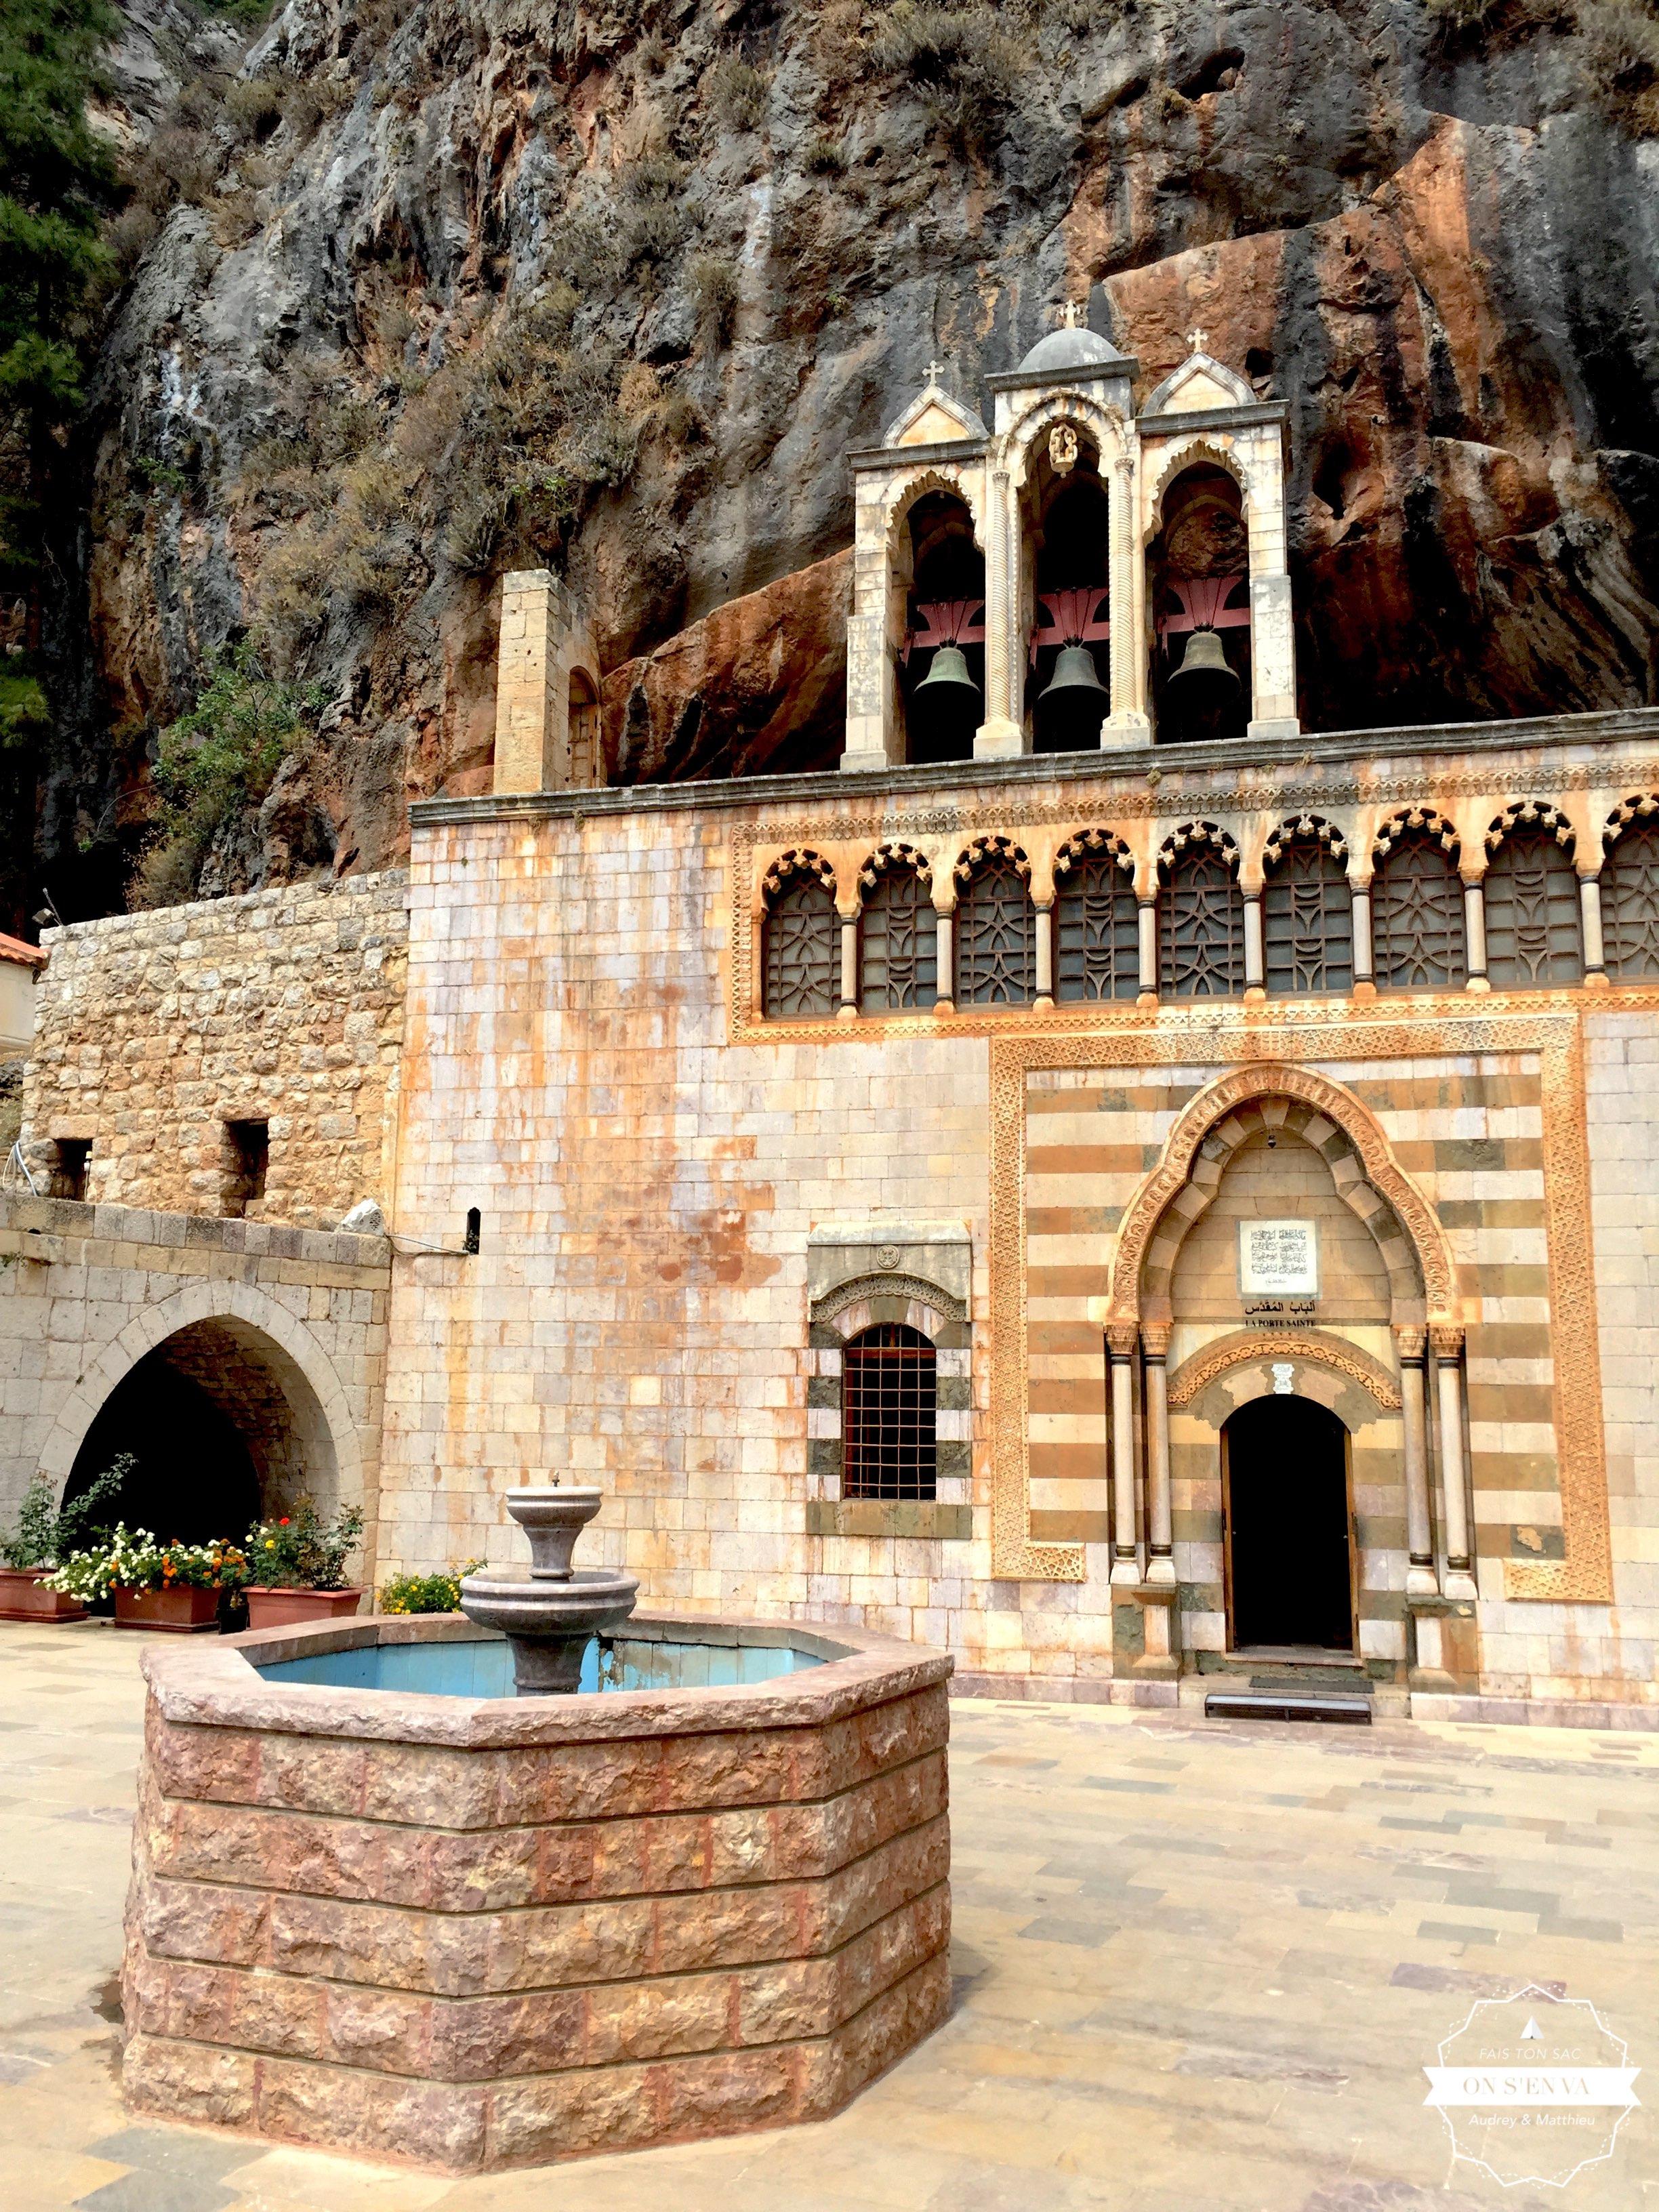 Enfin arrivés au monastère